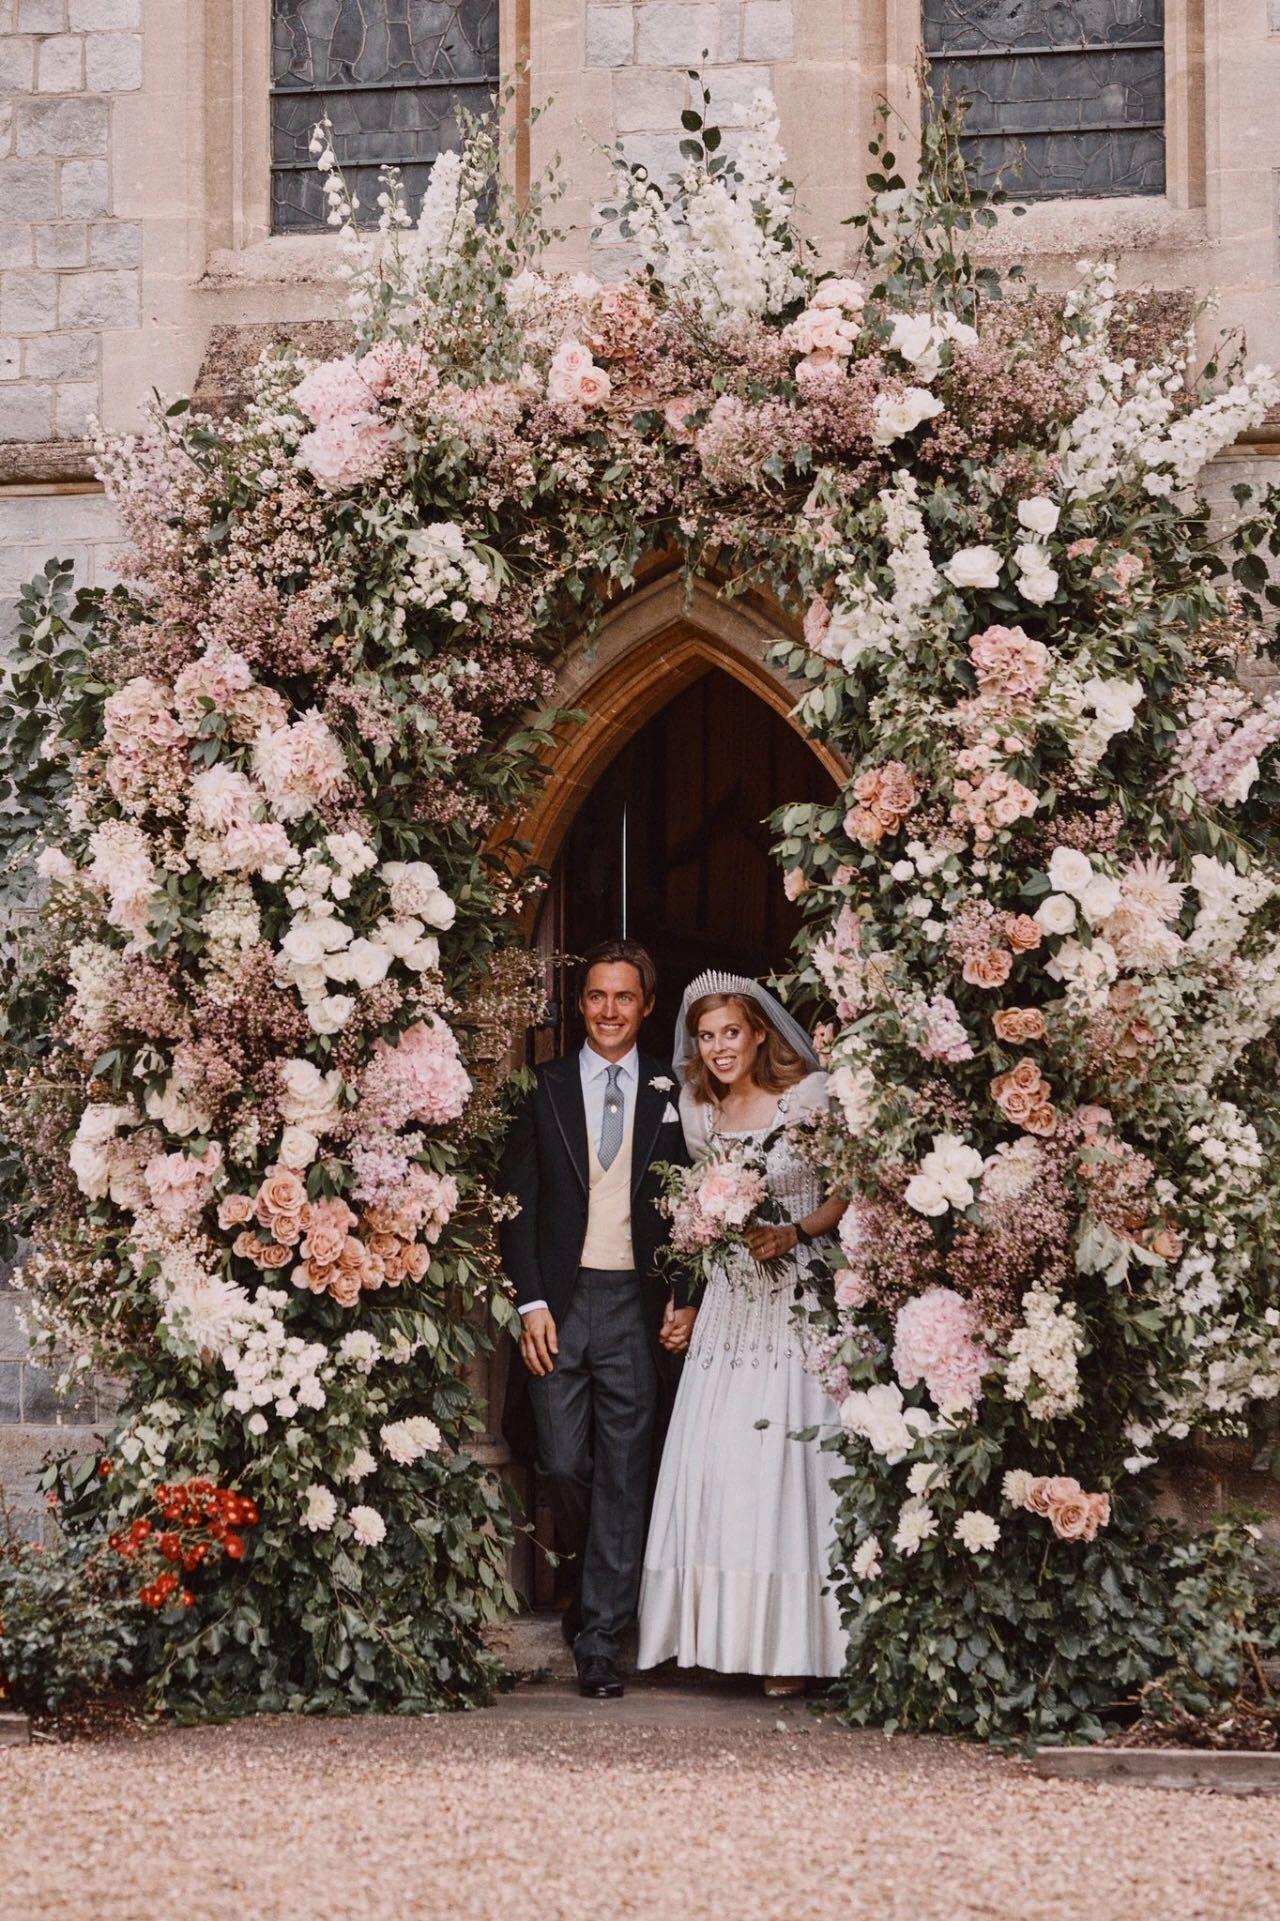 【网站搜索优化】_英国王室公主秘密完婚,礼服和王冠都是女王借的?